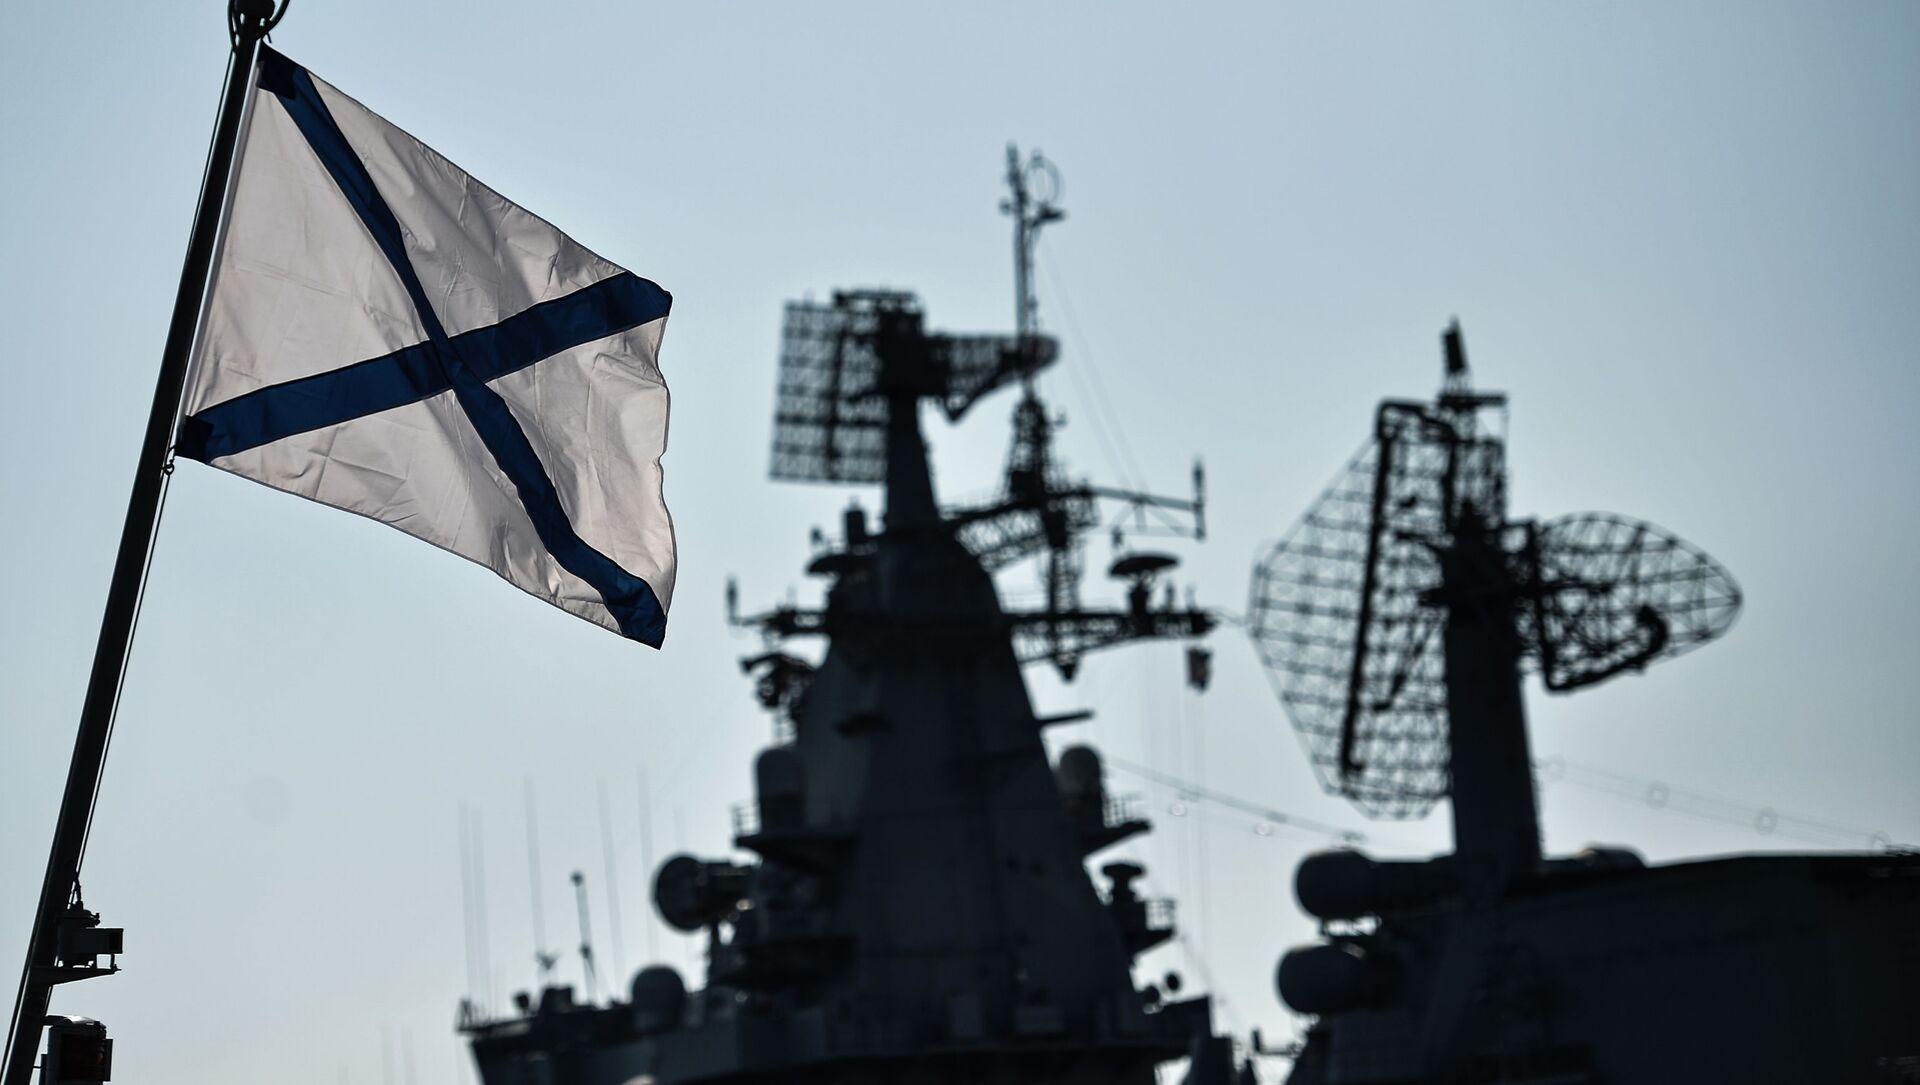 Radar systems aboard vessels of the Russian Black Sea Fleet as they dock in their home base in Sevastopol. - Sputnik International, 1920, 05.08.2021